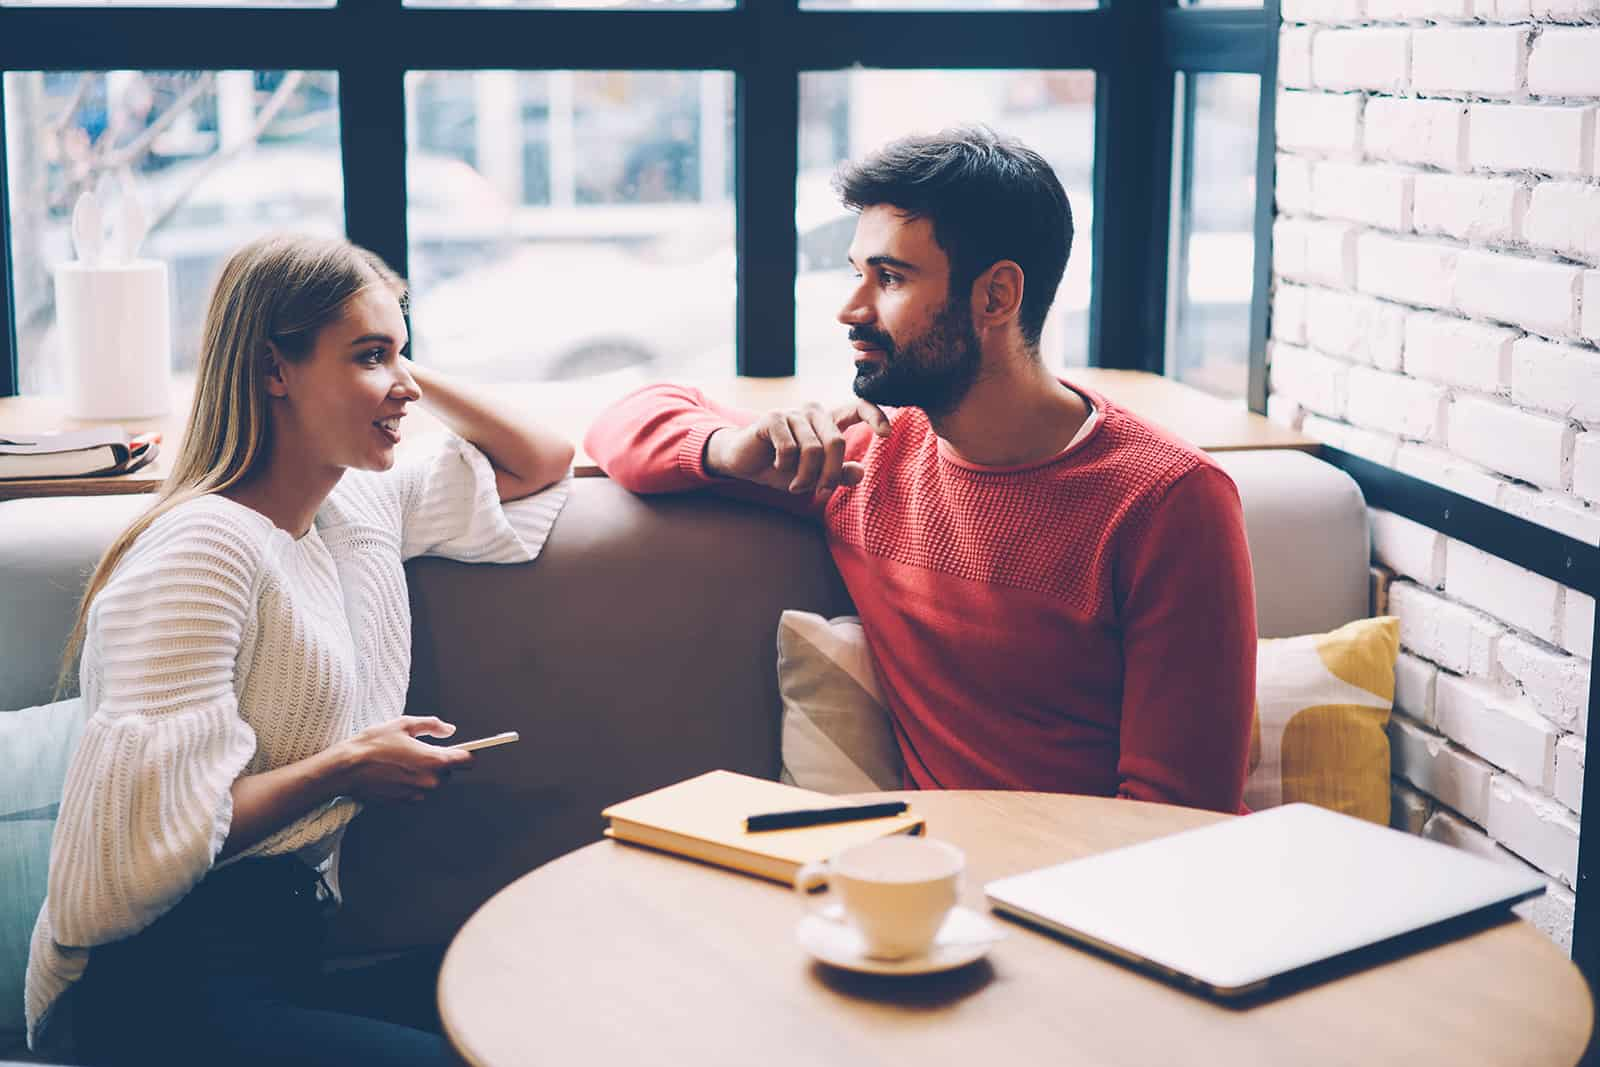 Ein Mann, der einer Frau tief in die Augen schaut, während er im Café sitzt